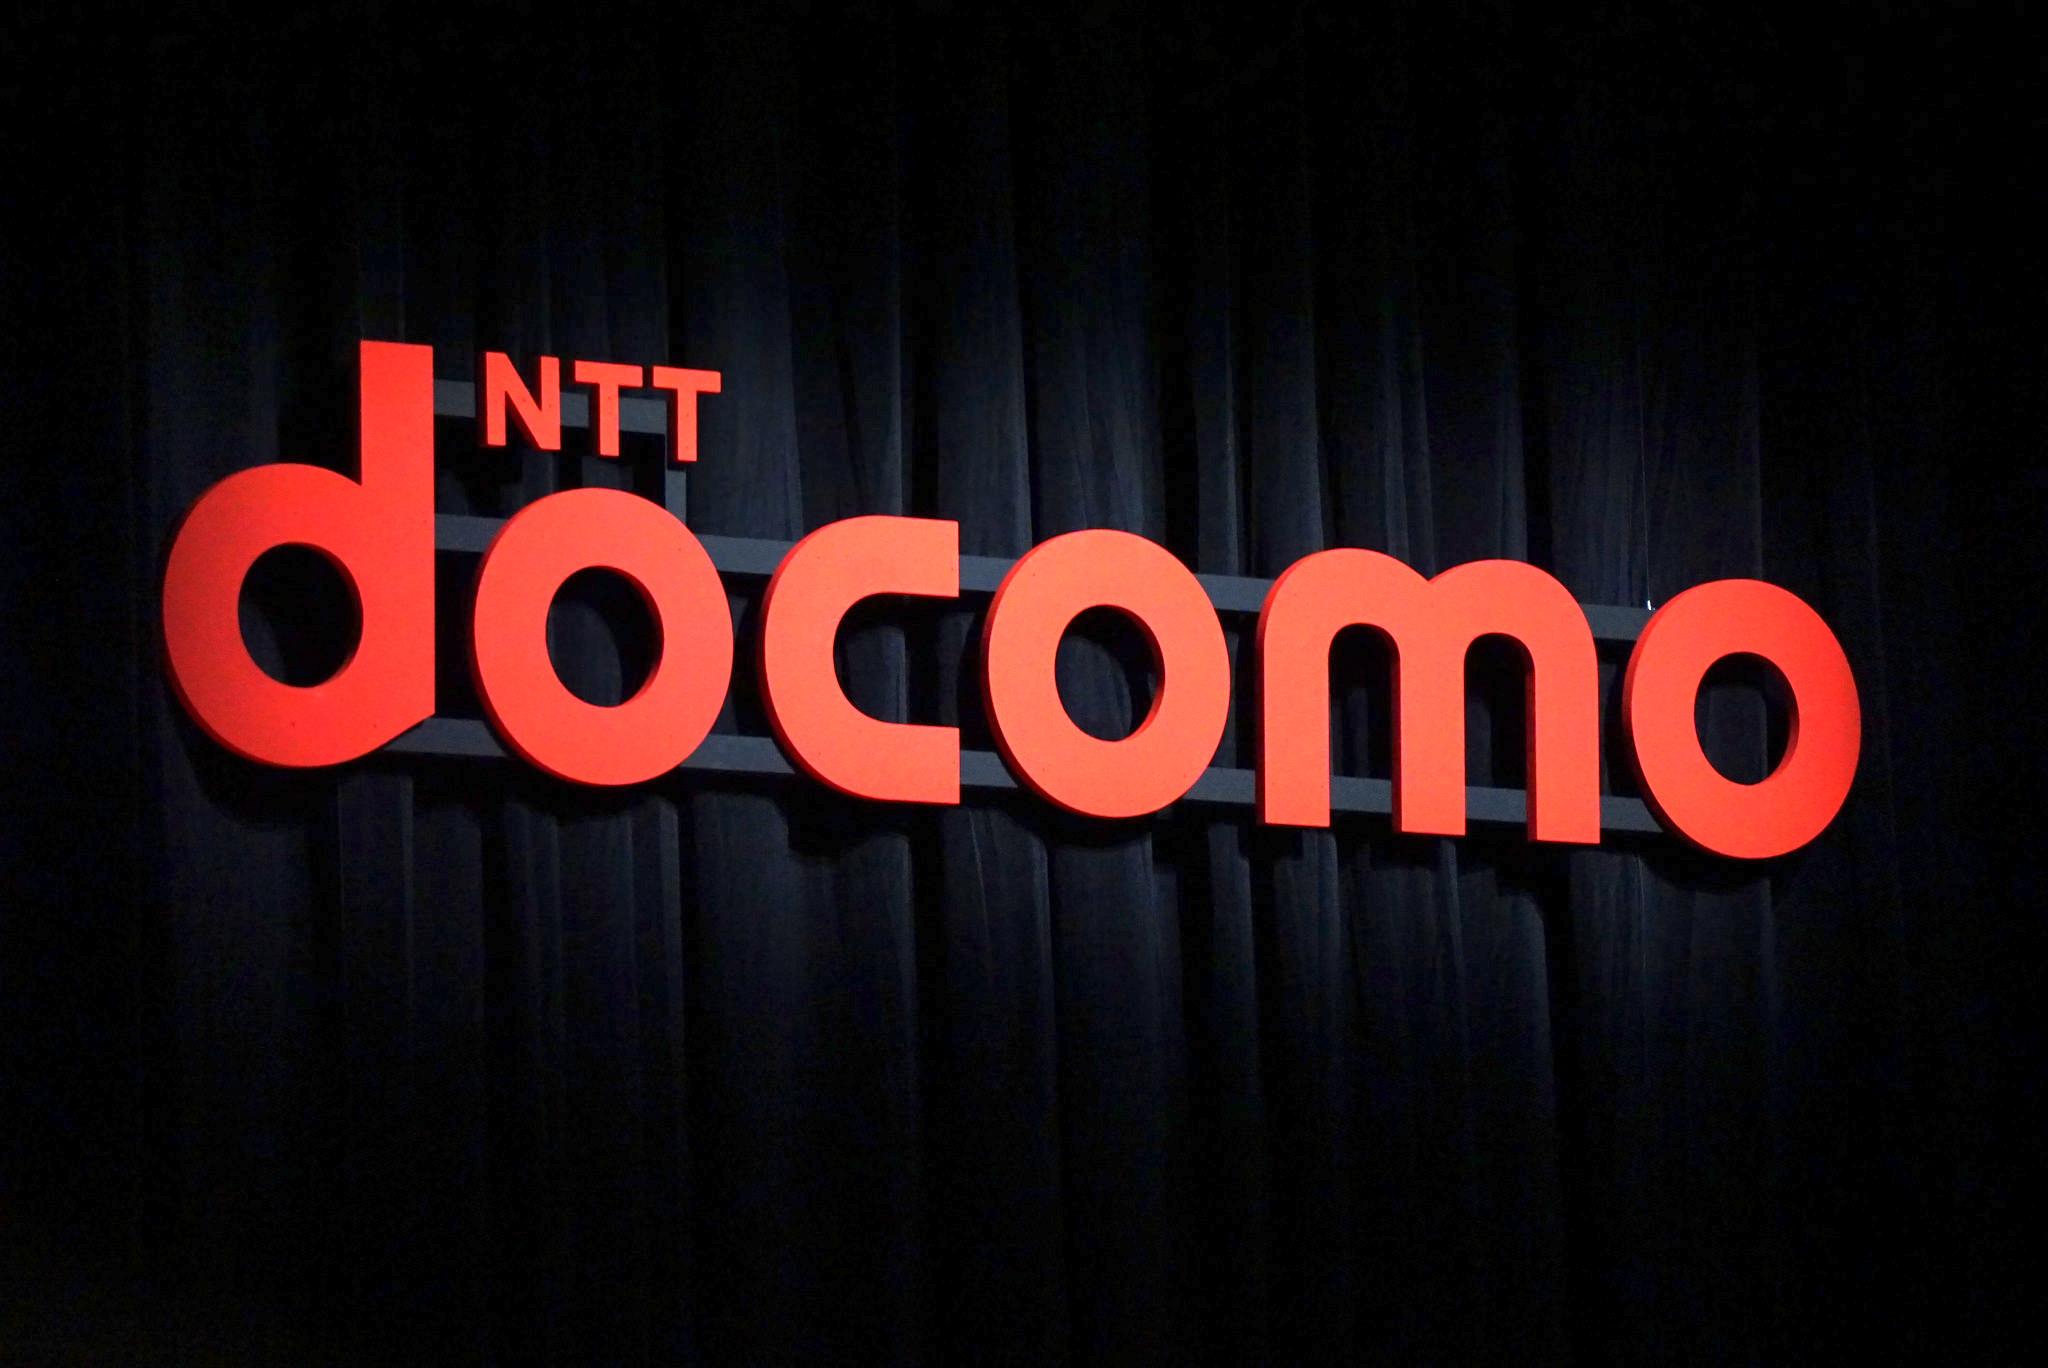 ドコモ、新型コロナで6月末までデータチャージ無償化。上限50GB、25歳以下対象